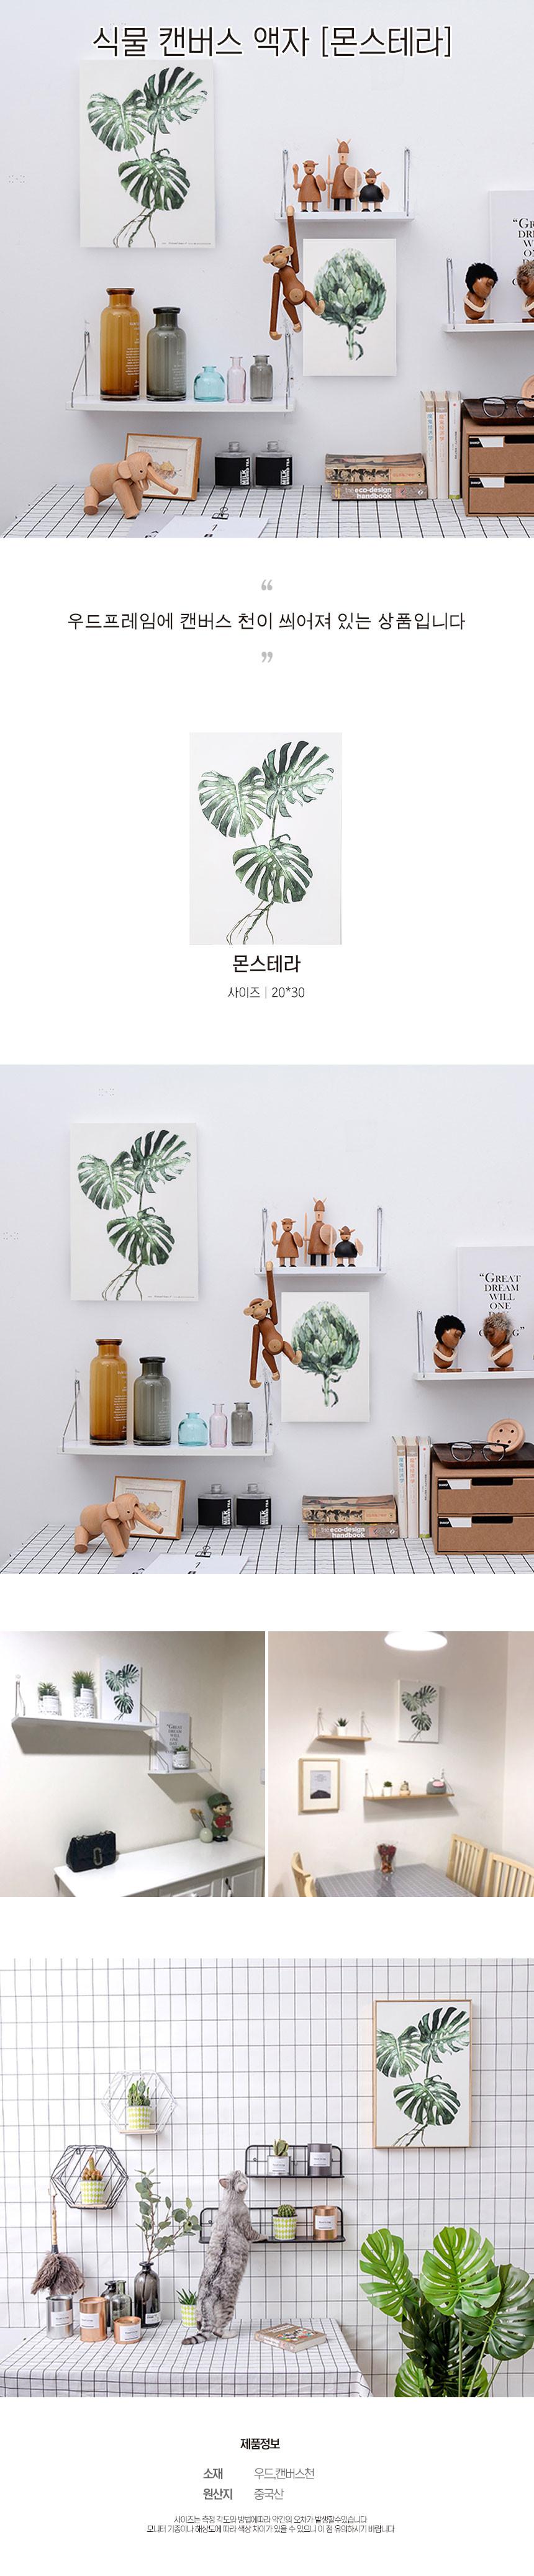 식물 캔버스 액자 몬스테라 - 사인모아, 14,000원, 홈갤러리, 캔버스아트